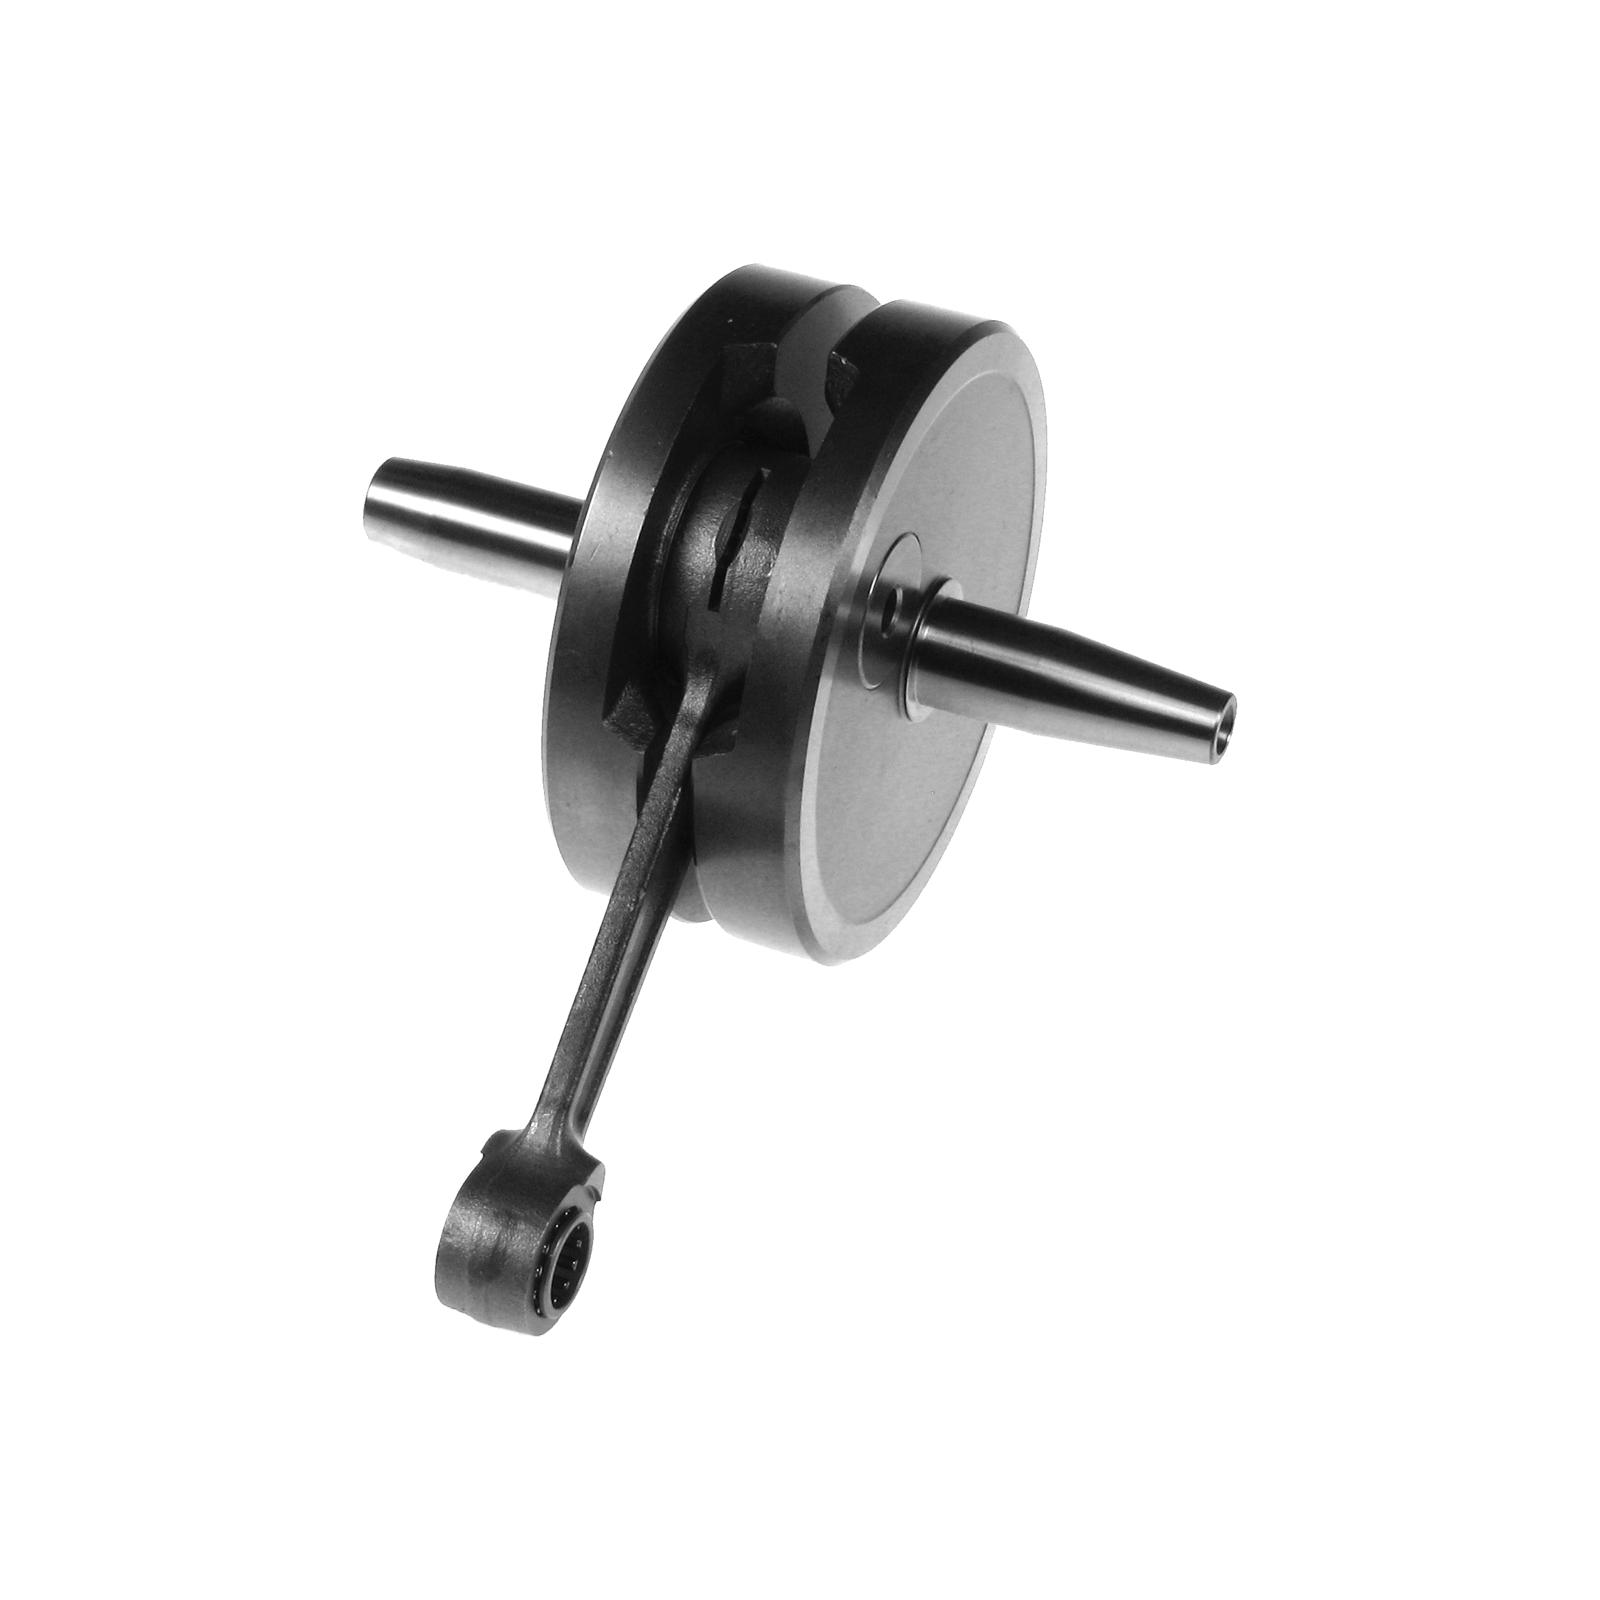 Kurbelwelle mit Nadellager für passend für MZ ETZ 125 150 vollständig